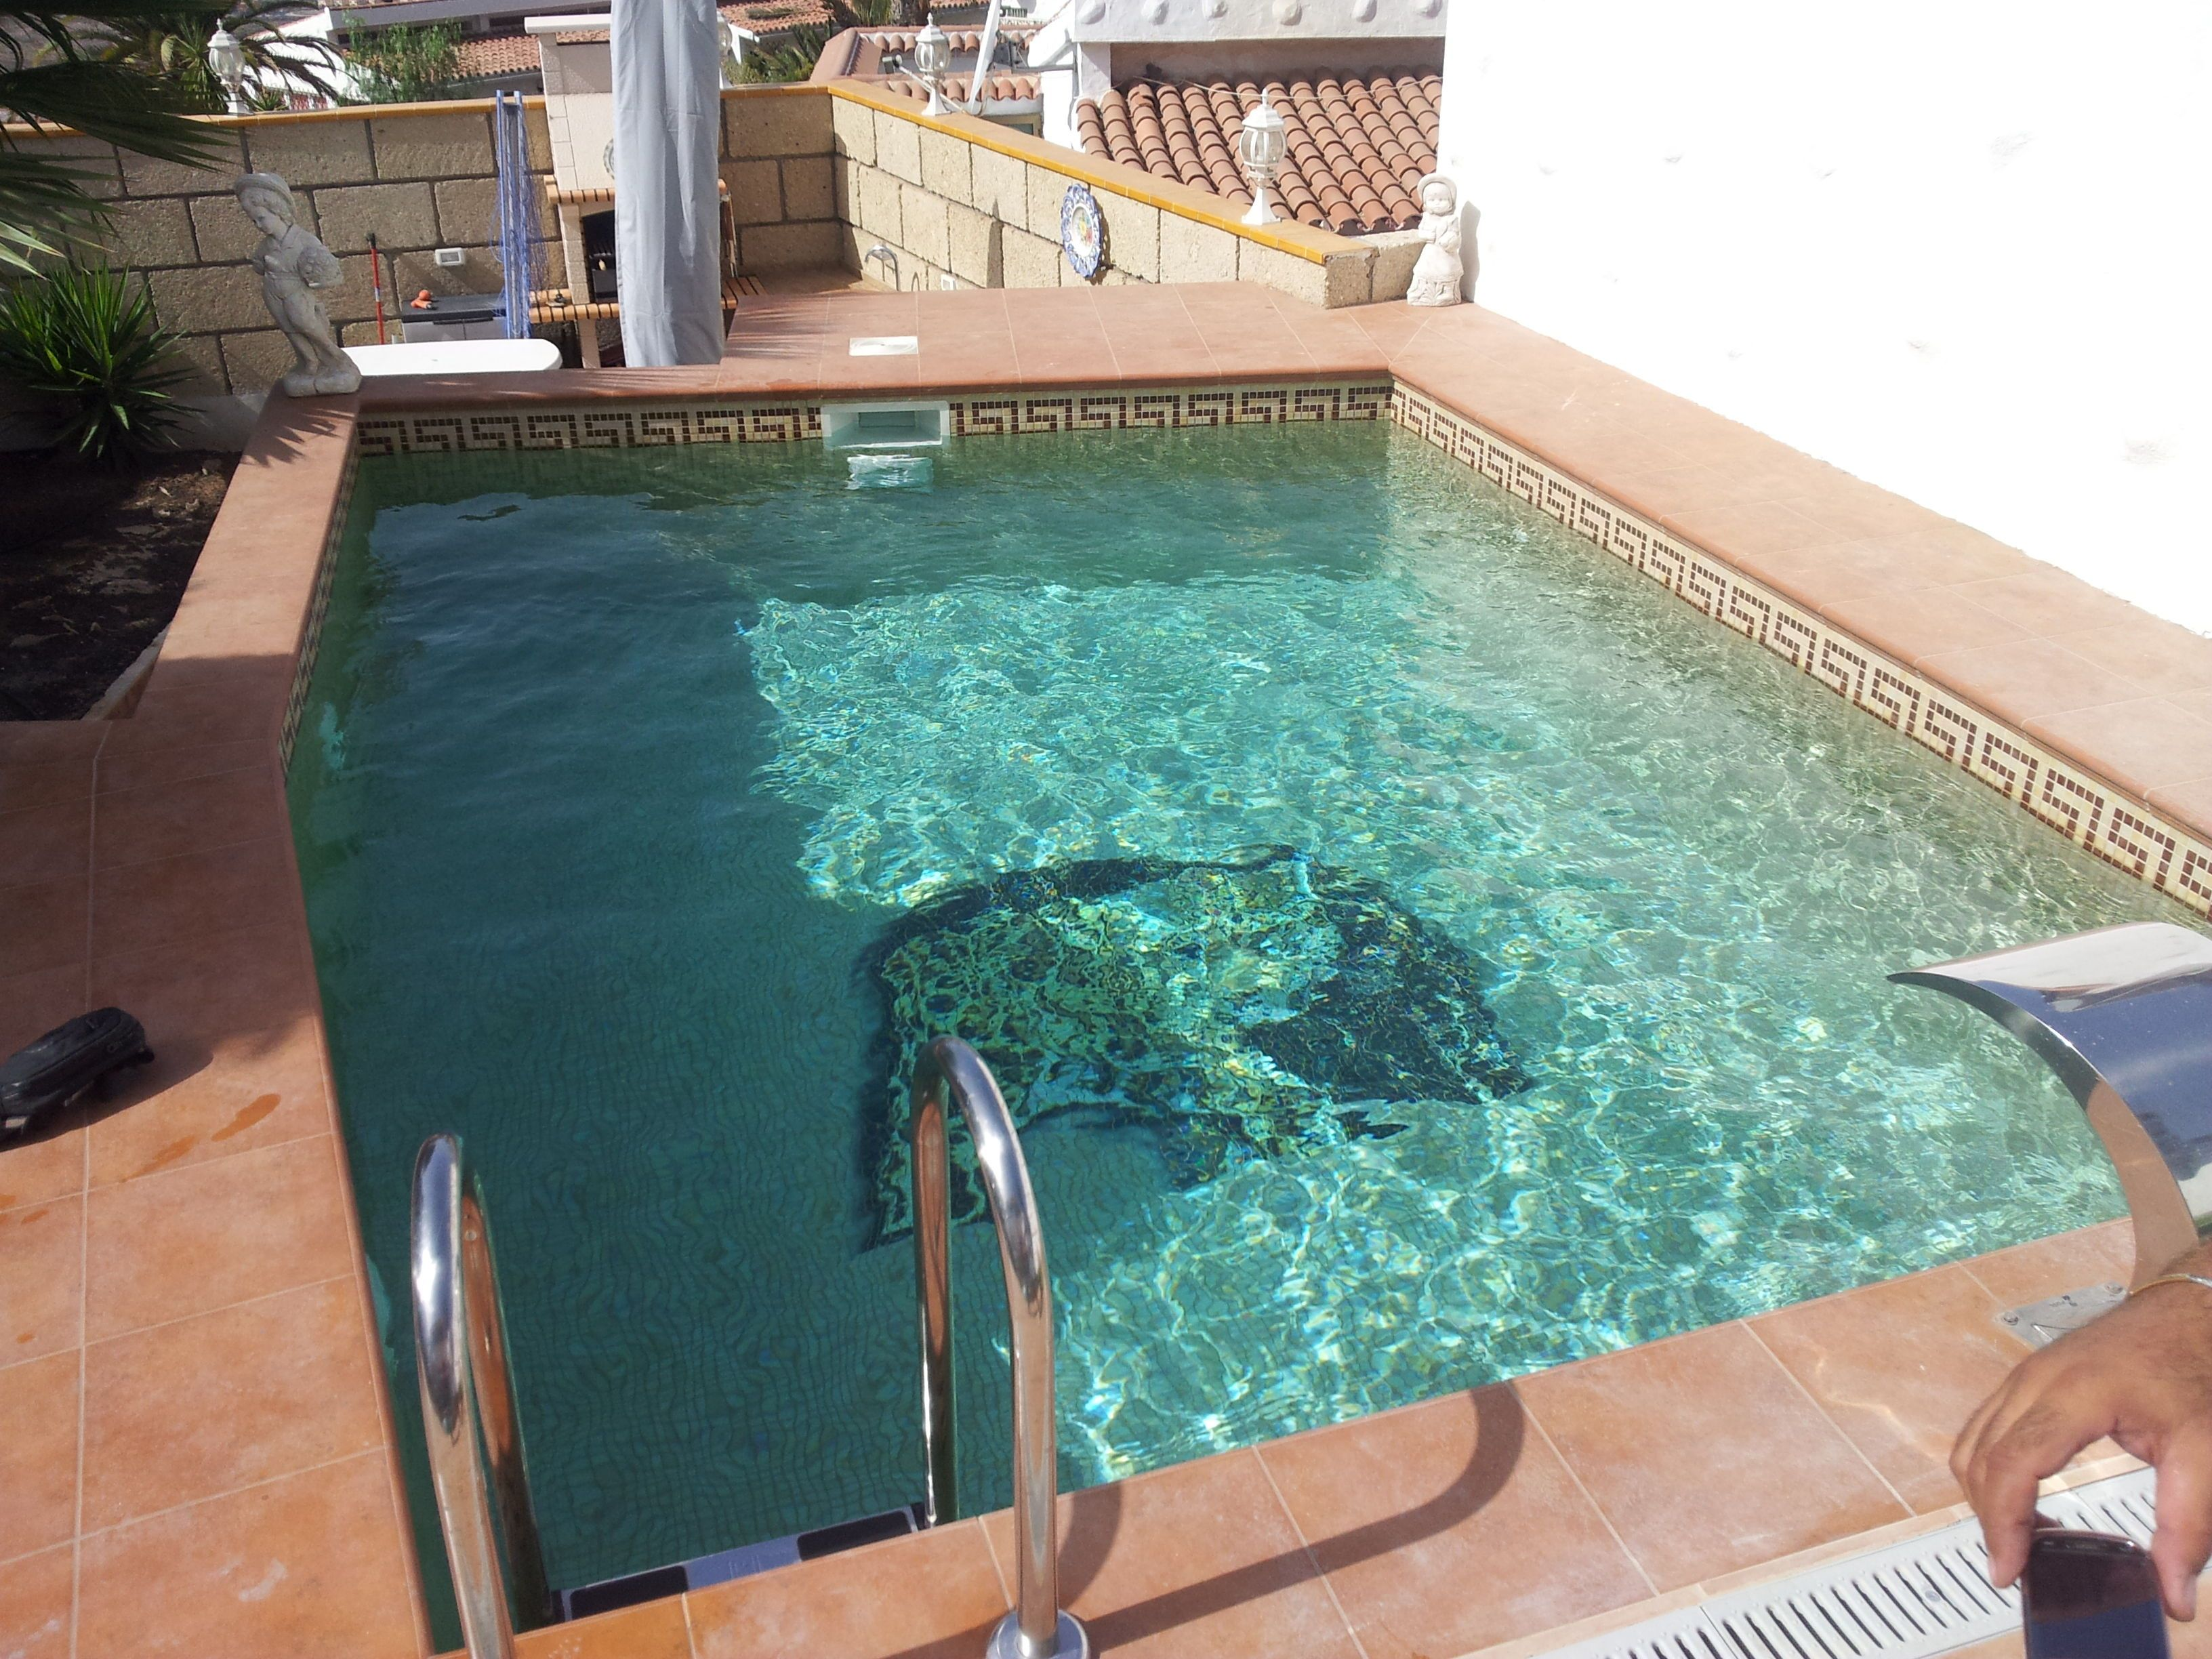 Construcci n de piscinas en tenerife coral piscinas for Empresas construccion piscinas